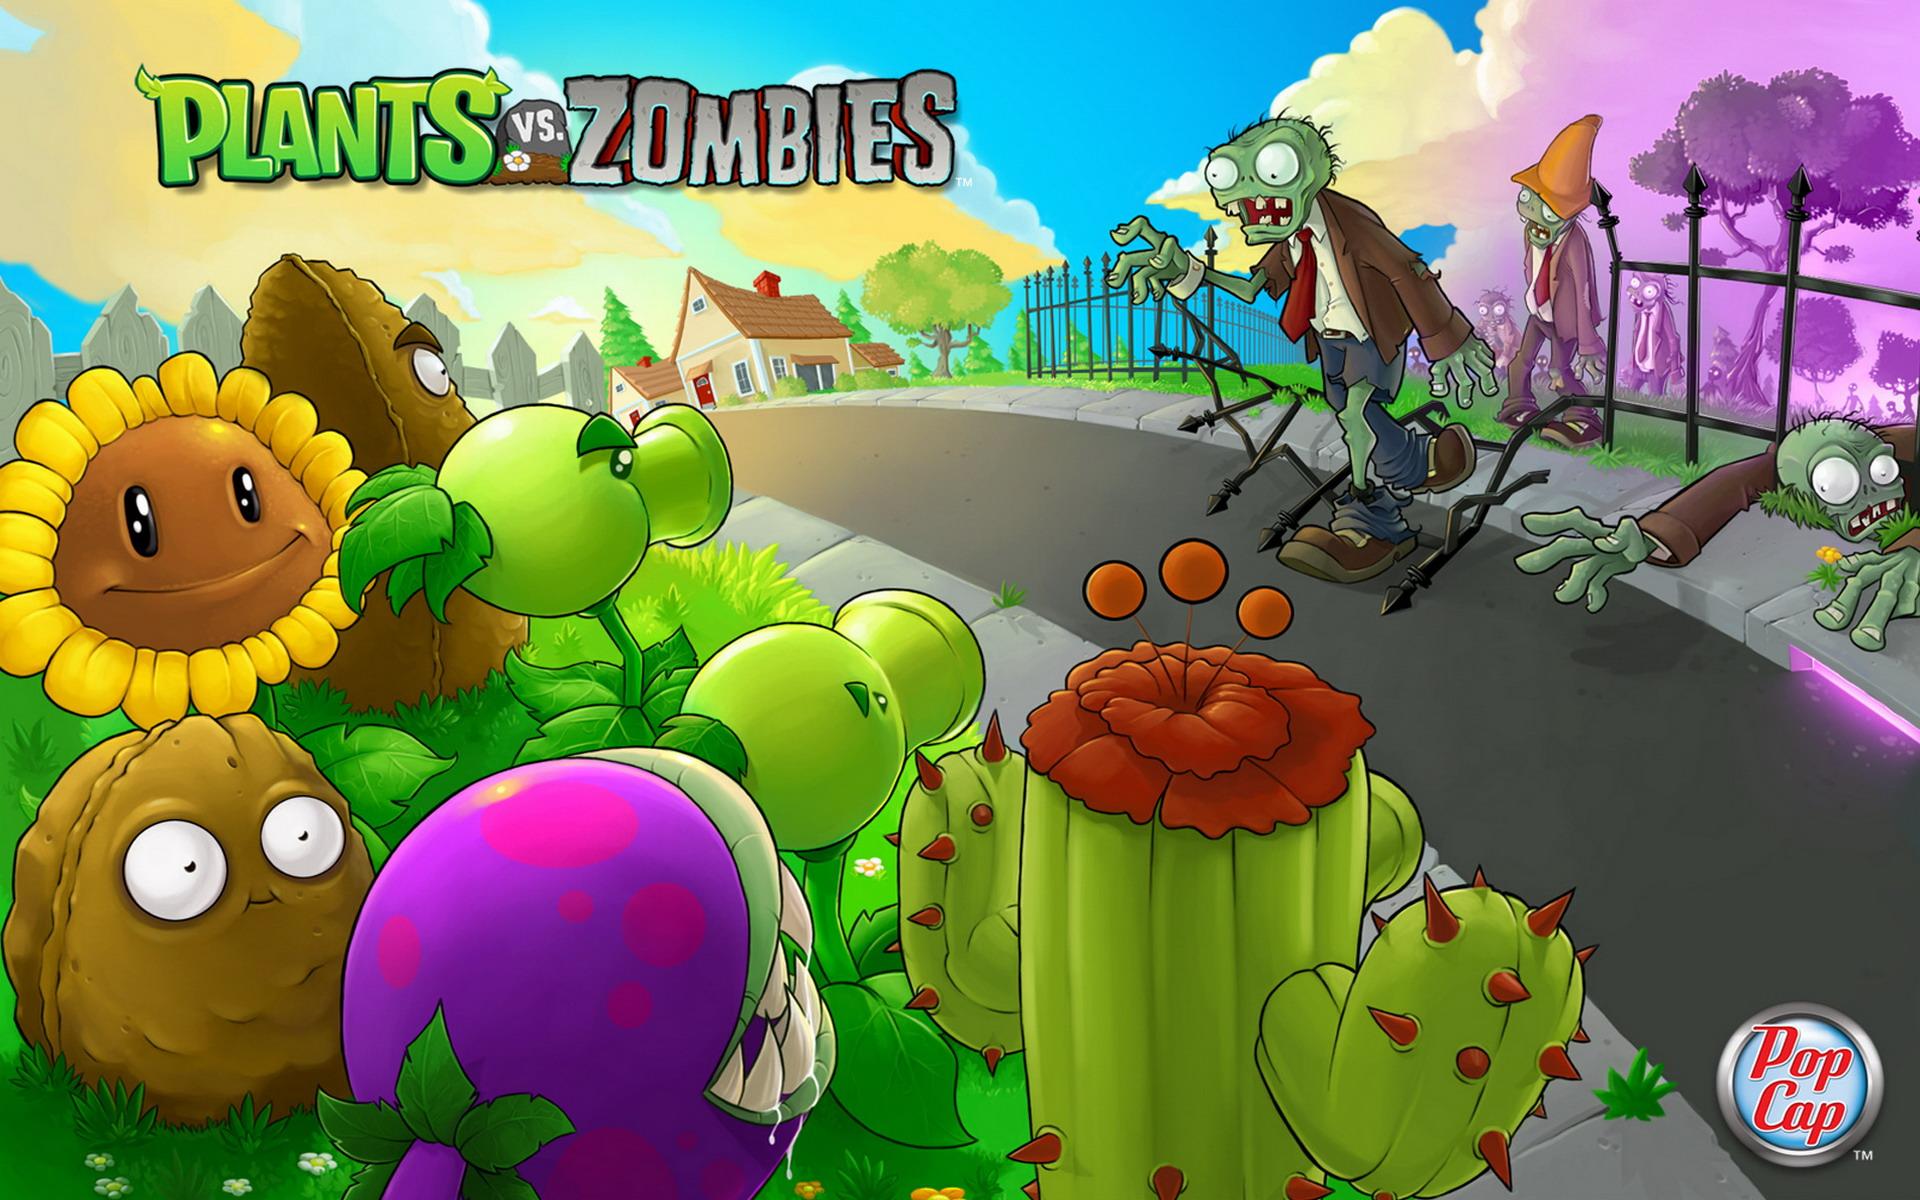 Plants vs. Zombies - 1920x1200